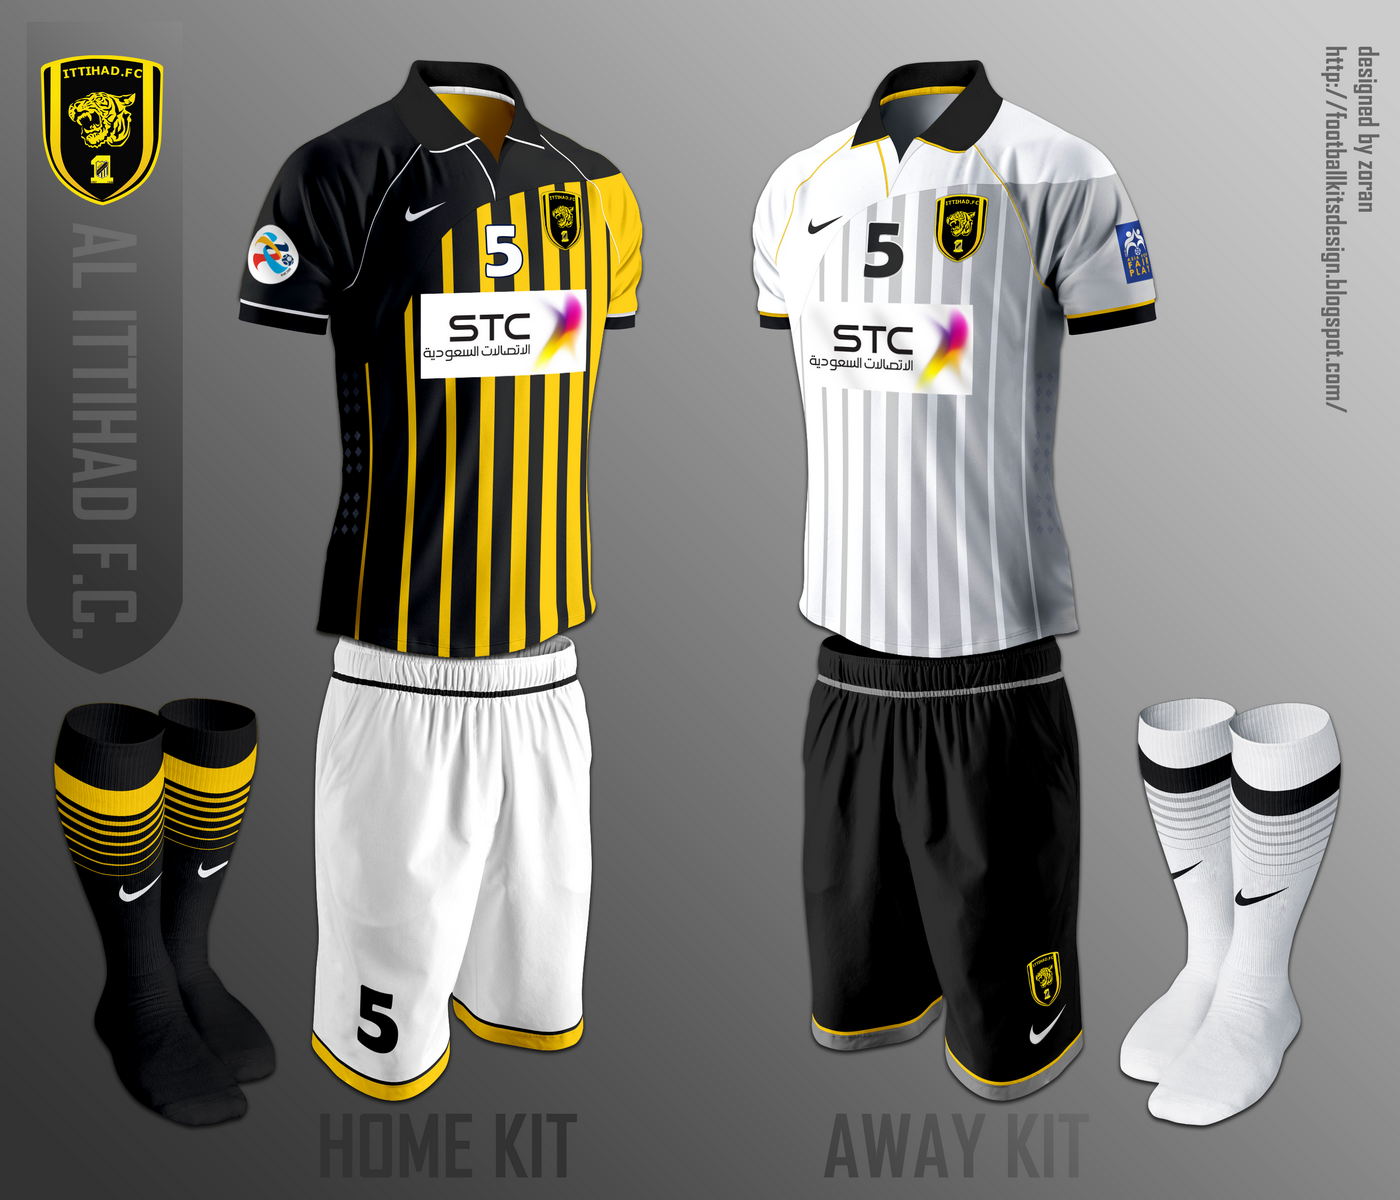 ab3b129b254 Al-Ittihad Football Club fantasy kits